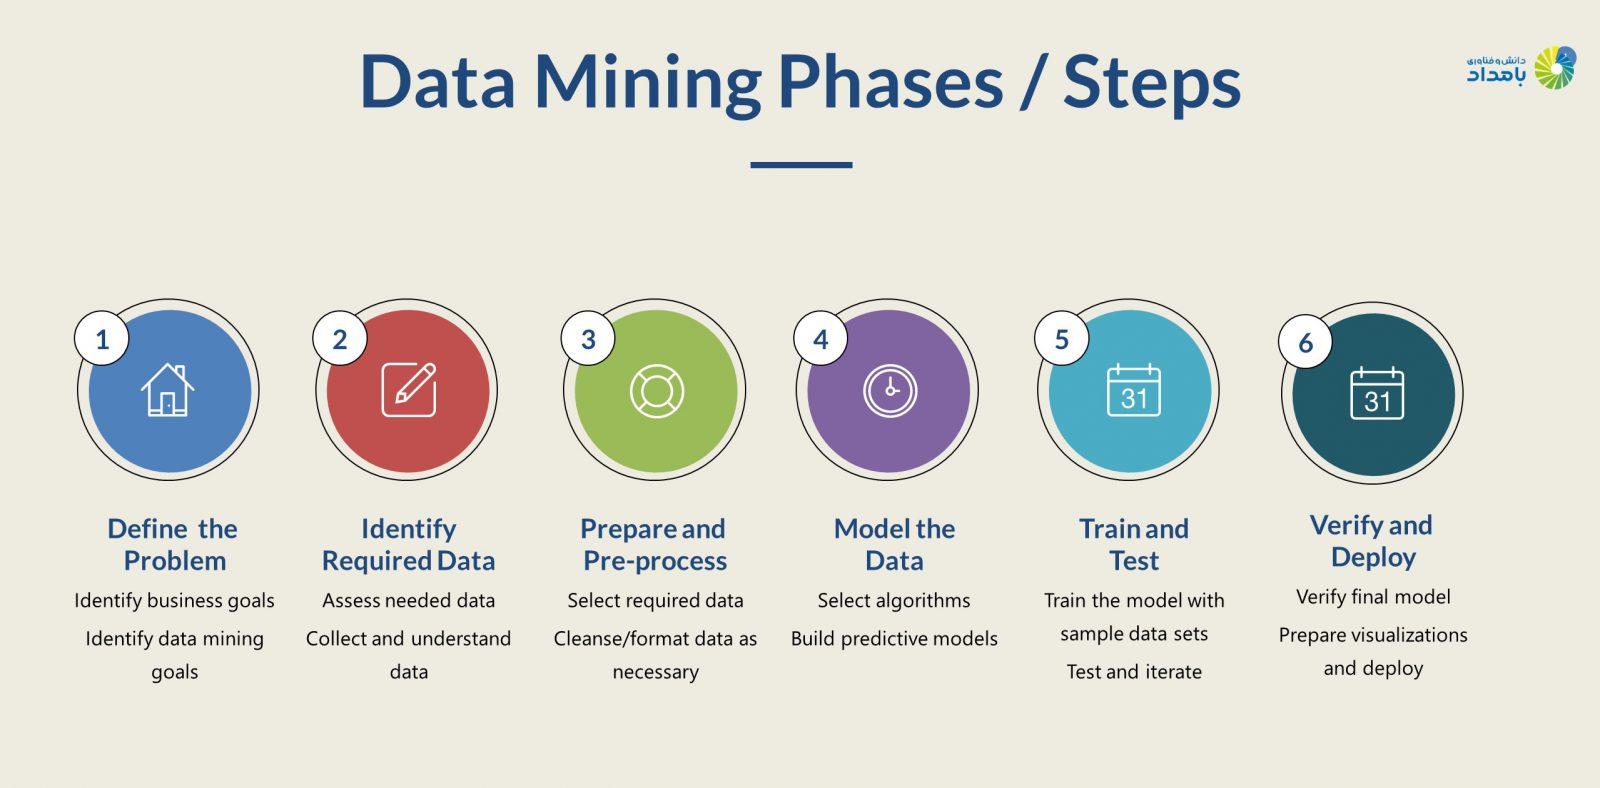 مراحلی که باید انجام شود تا دادهکاوی به سرانجام برسد.